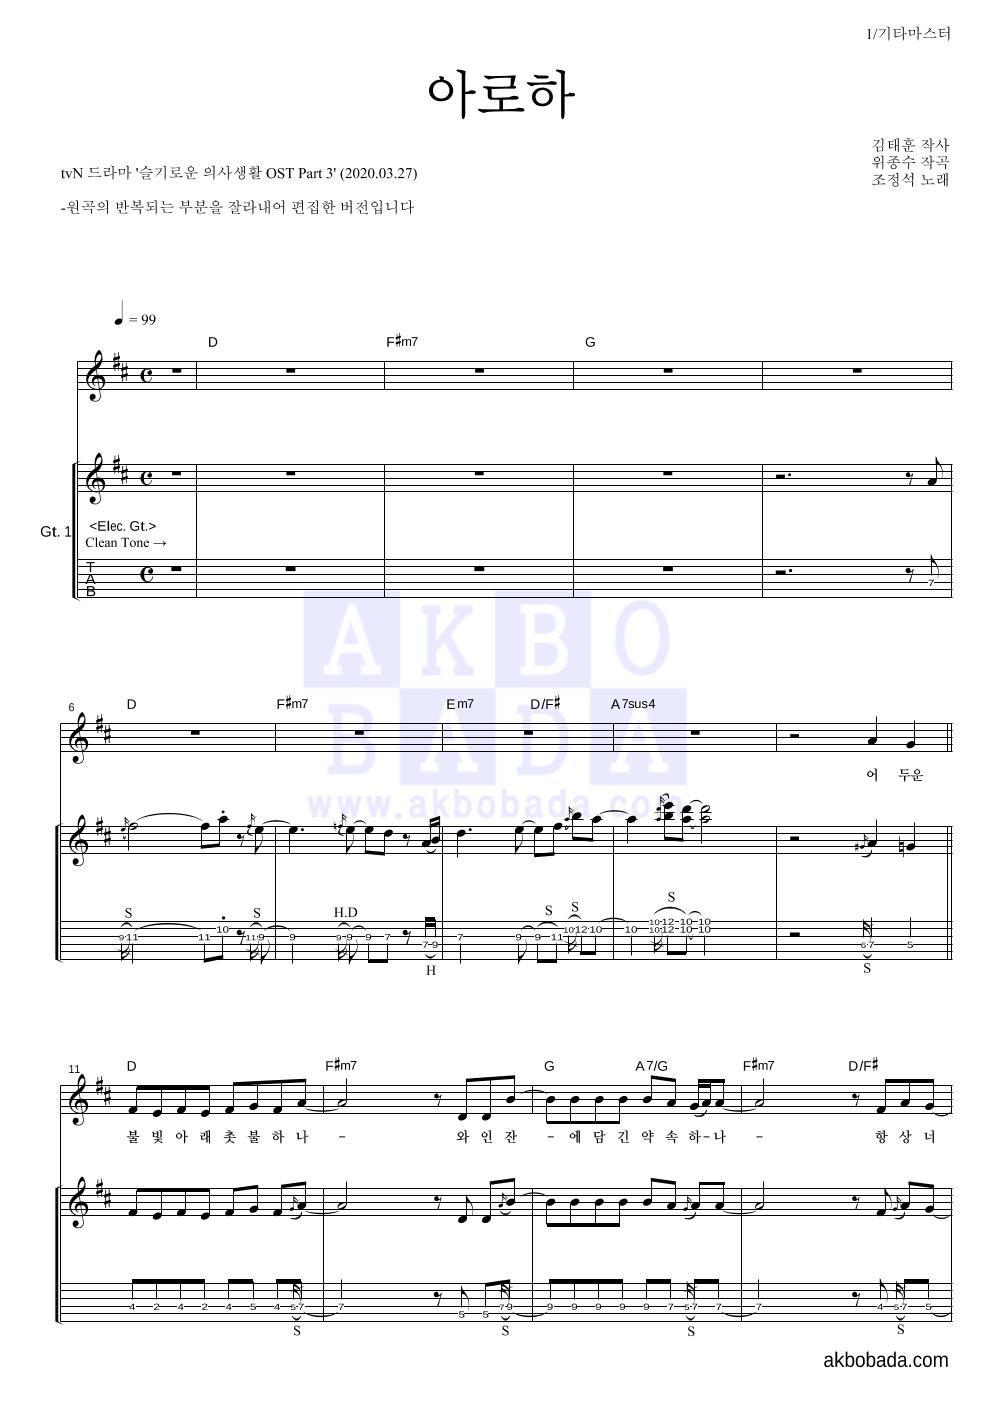 조정석 - 아로하 기타 마스터 악보